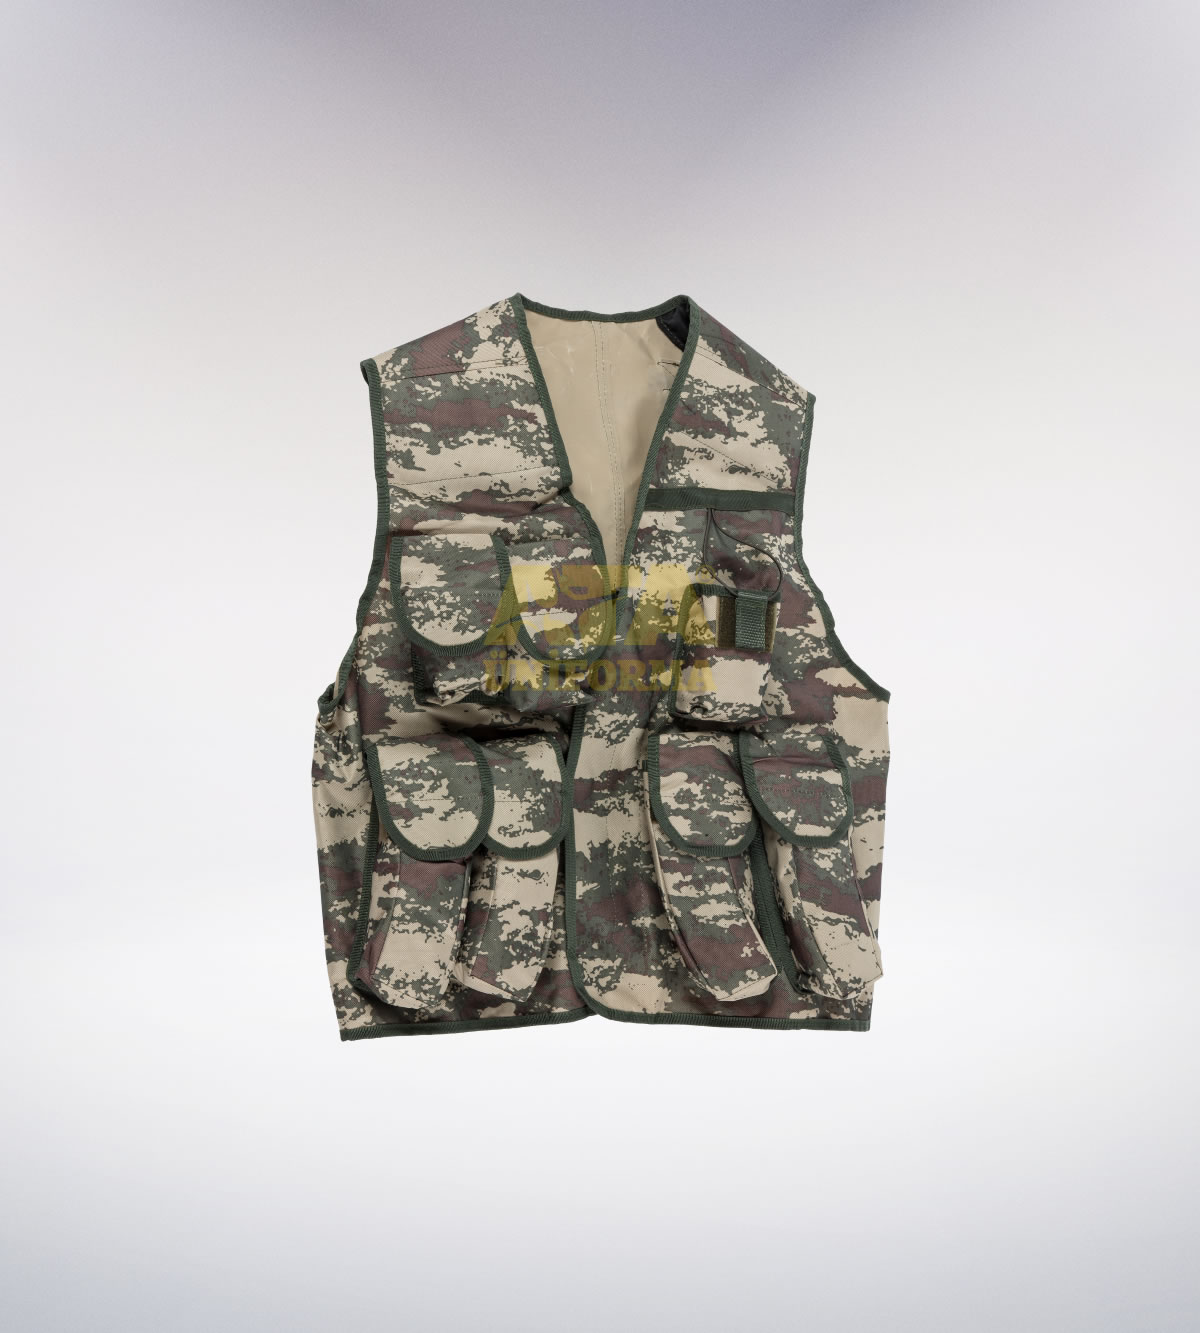 ATA-1067 Fileli askeri hücüm yeleği -  asker elbiseleri | asker üniformaları | asker kıyafetleri | polis elbiseleri | polis üniformaları | polis kıyafetleri